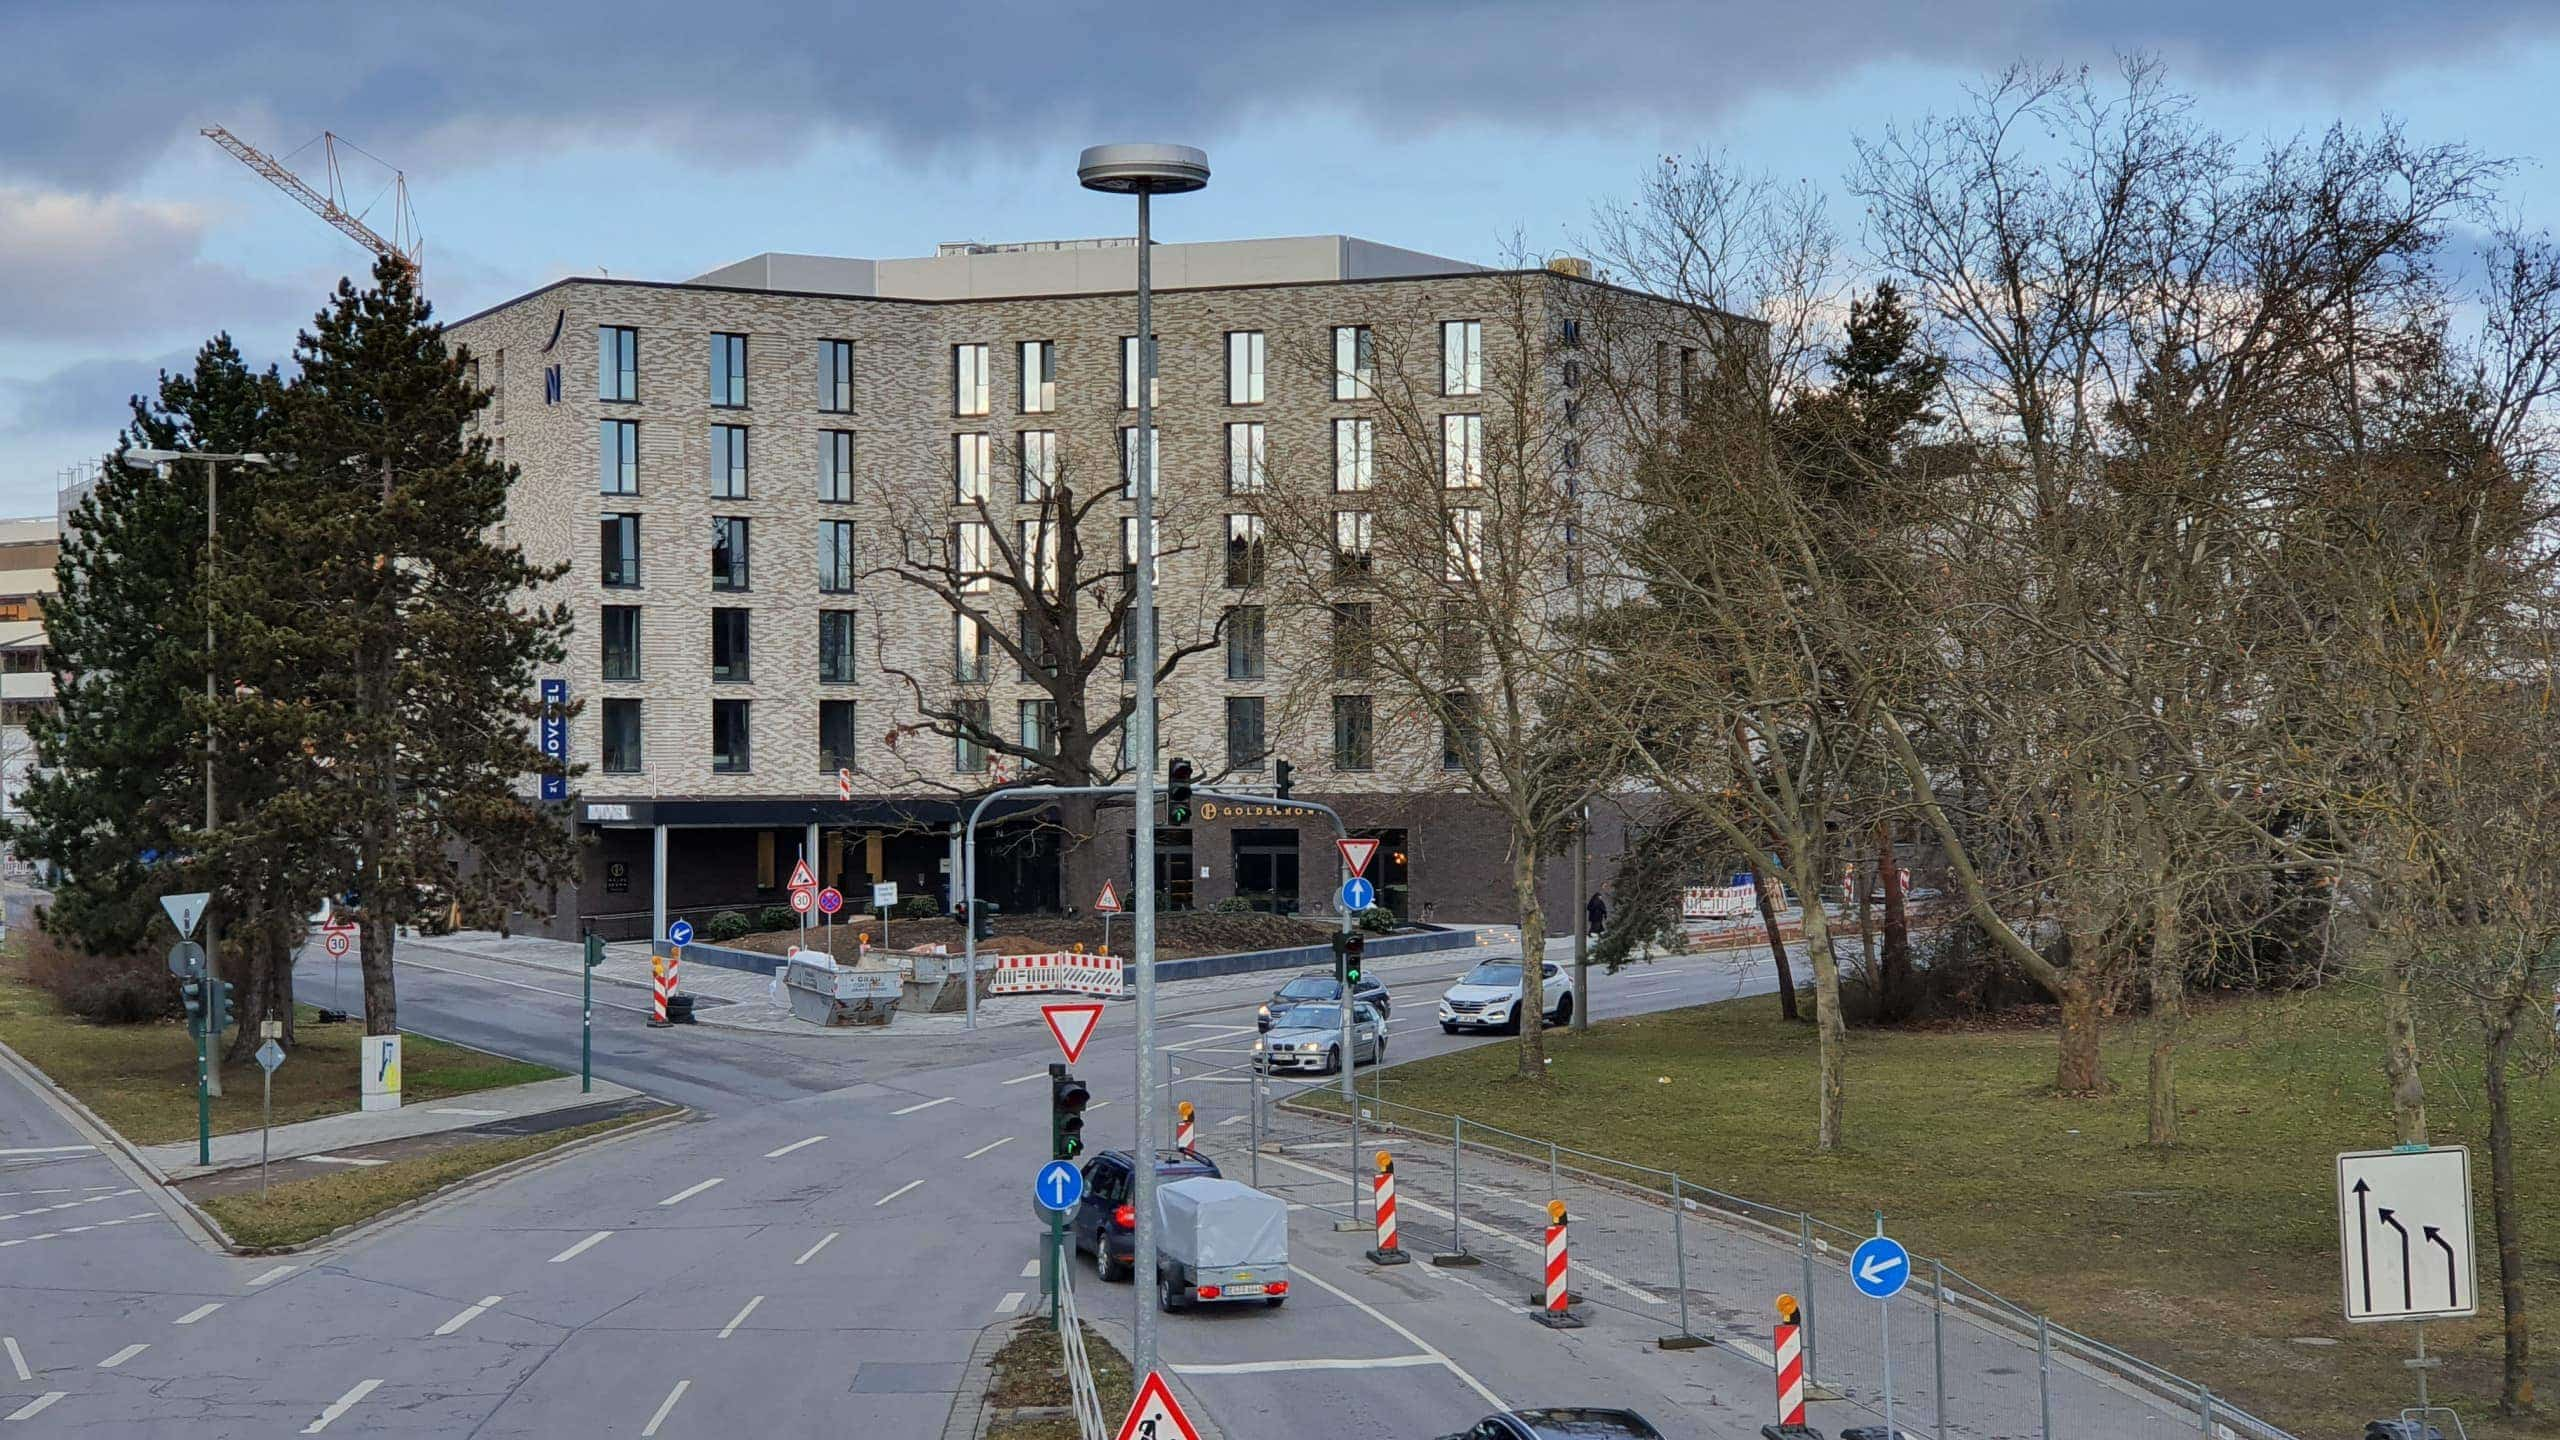 Stadt braucht 0,7 Mio. Euro mehr als geplant Umbau des Stobäusplatzes wird teurer